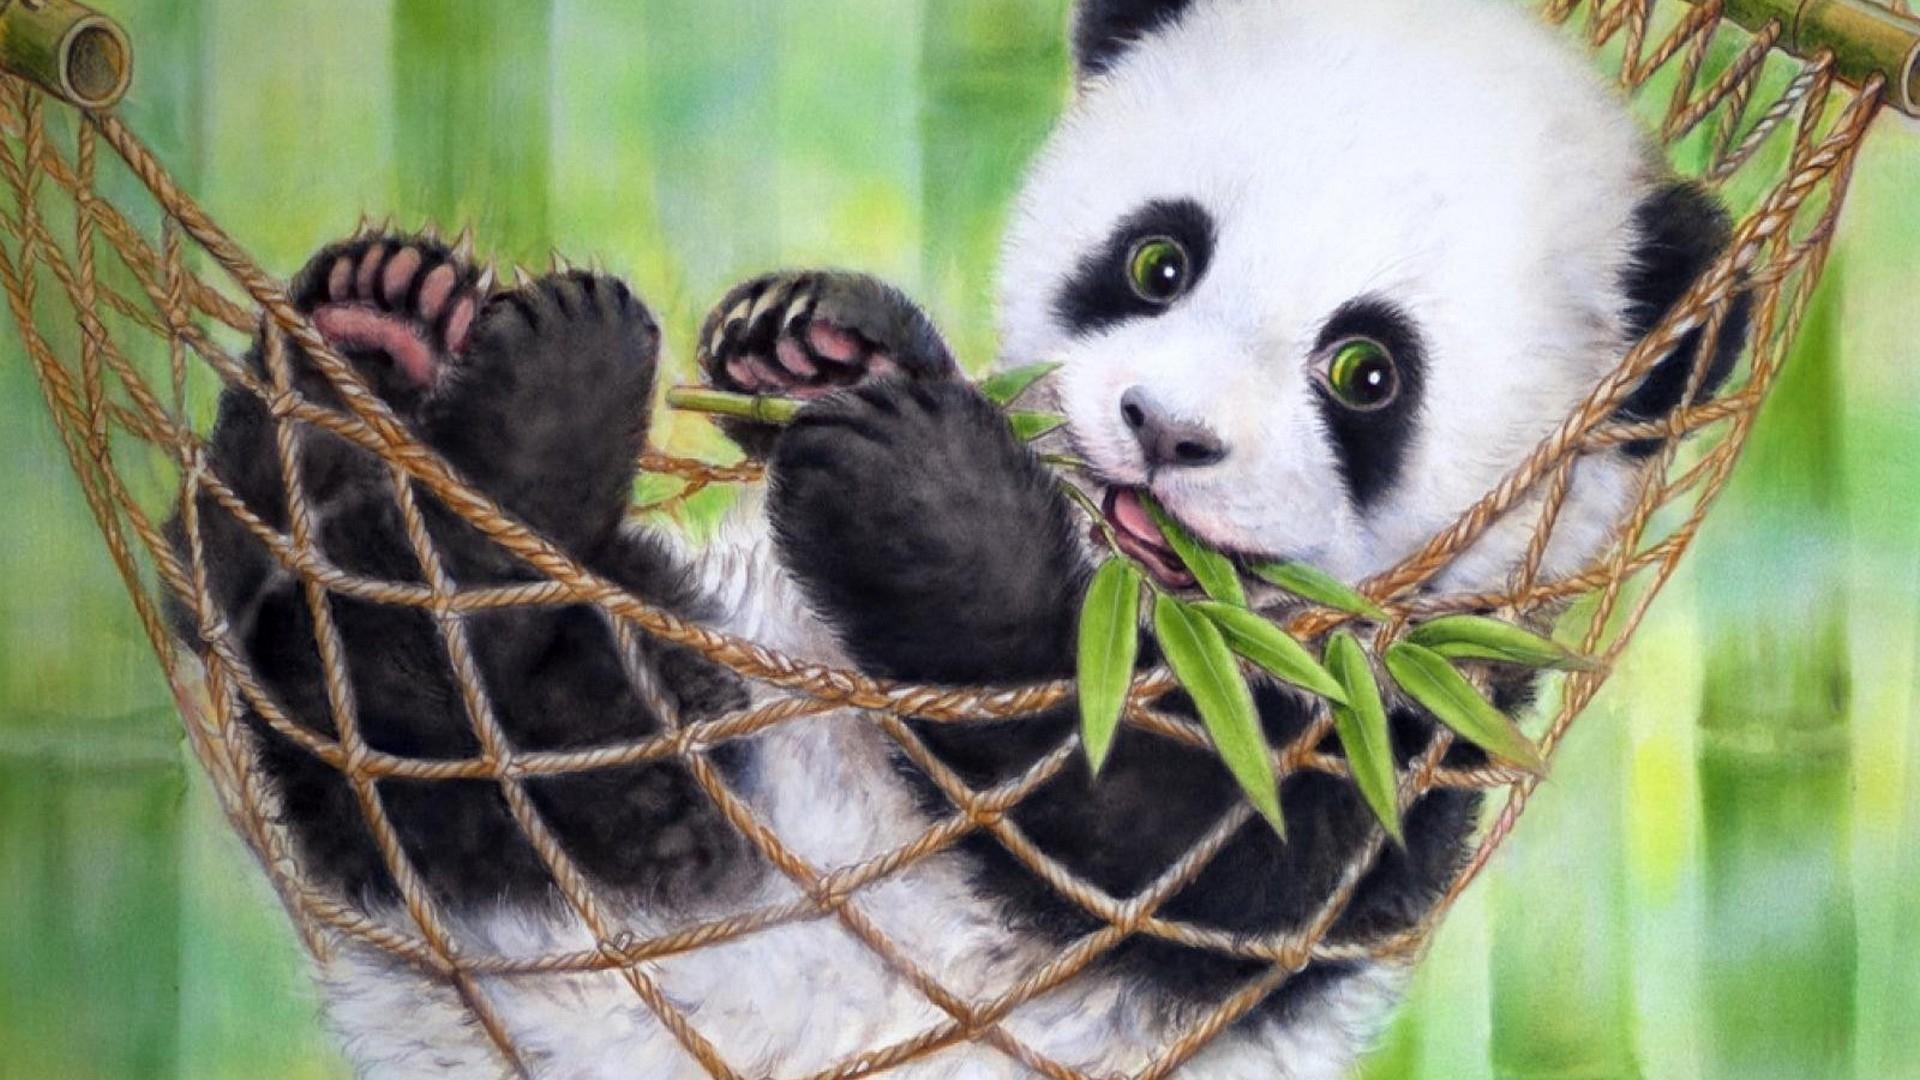 cute baby panda bear wallpaper - 2018 cute screensavers